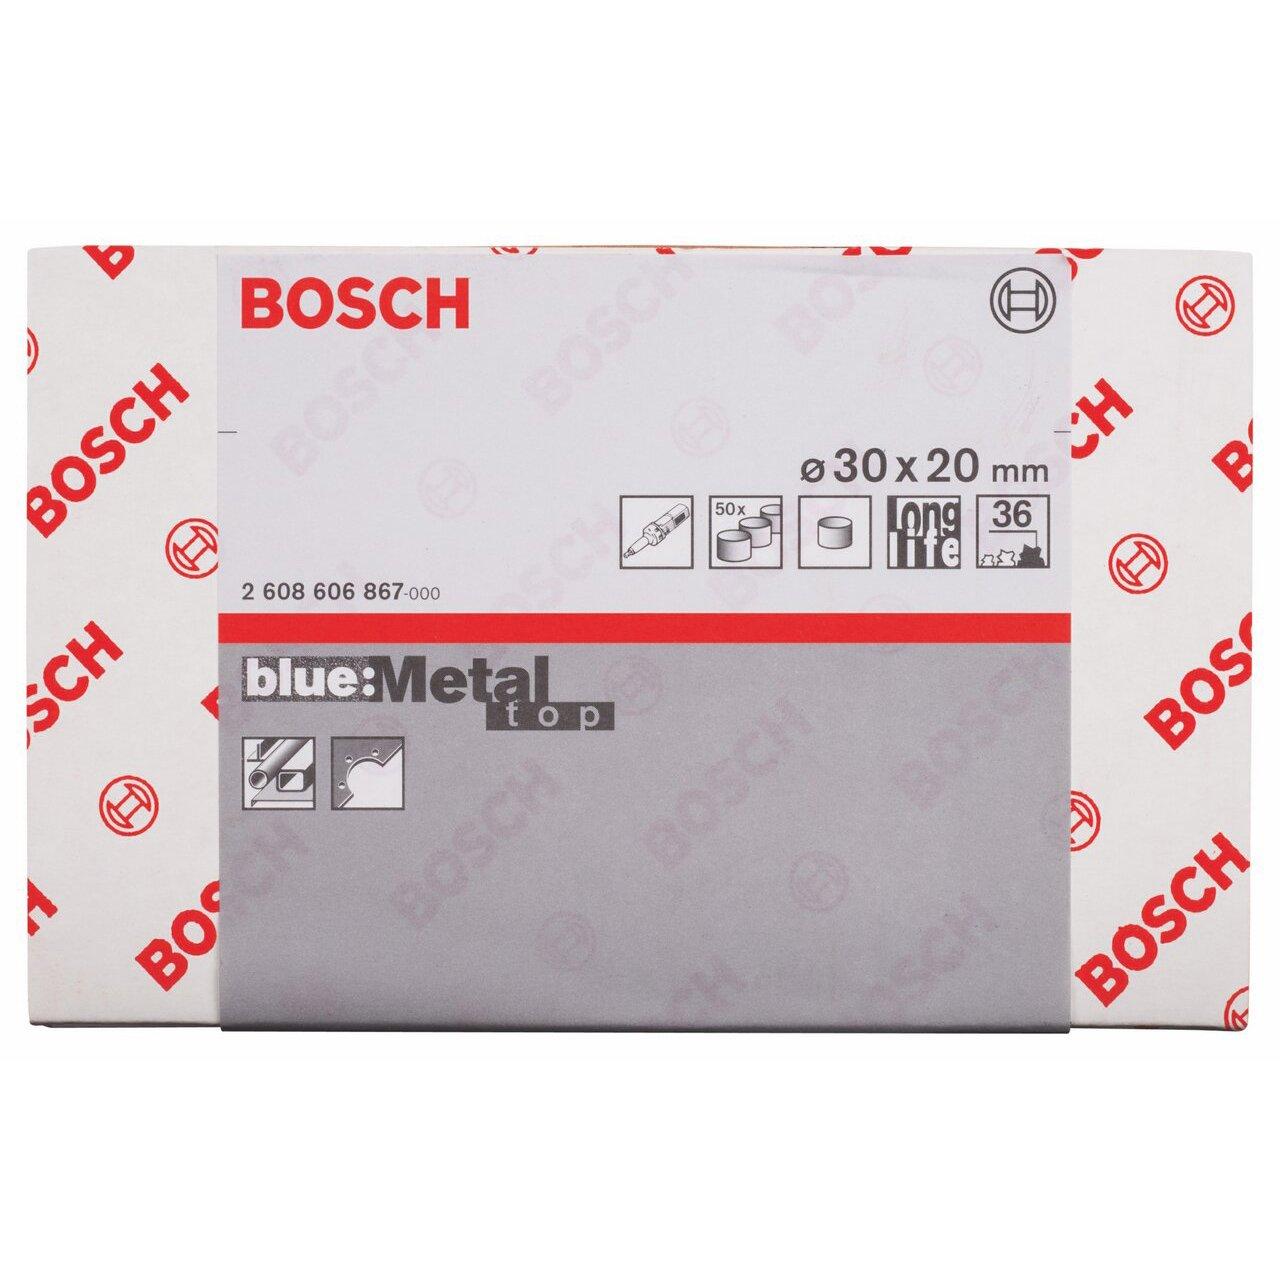 Bosch 2608606867 Manchon abrasif 36 /Ø30 x 20 mm 50 pi/èces